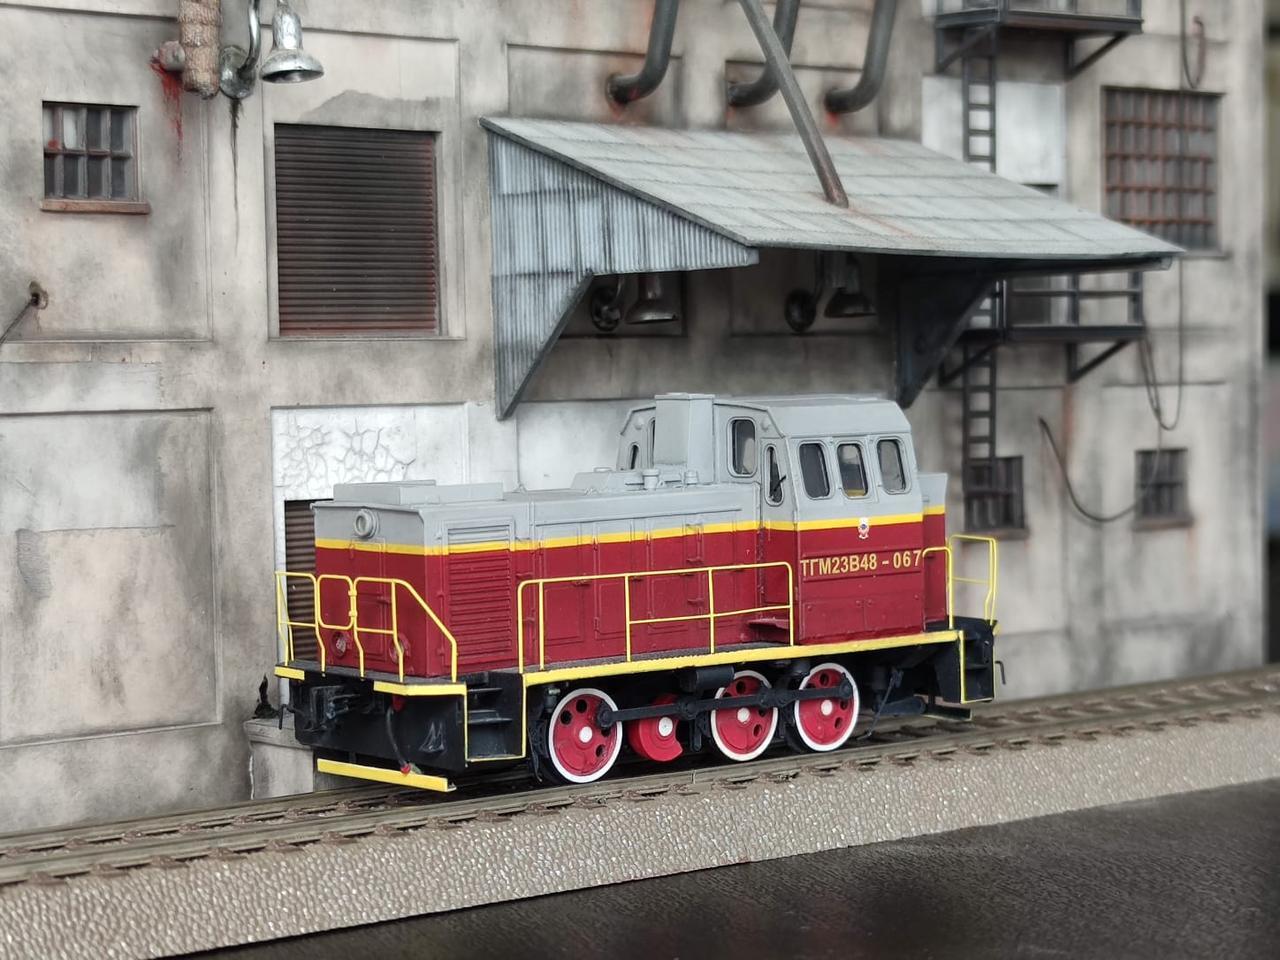 Збірна модель маневрового локомотива серії ТГМ23, масштабу 1/87, H0